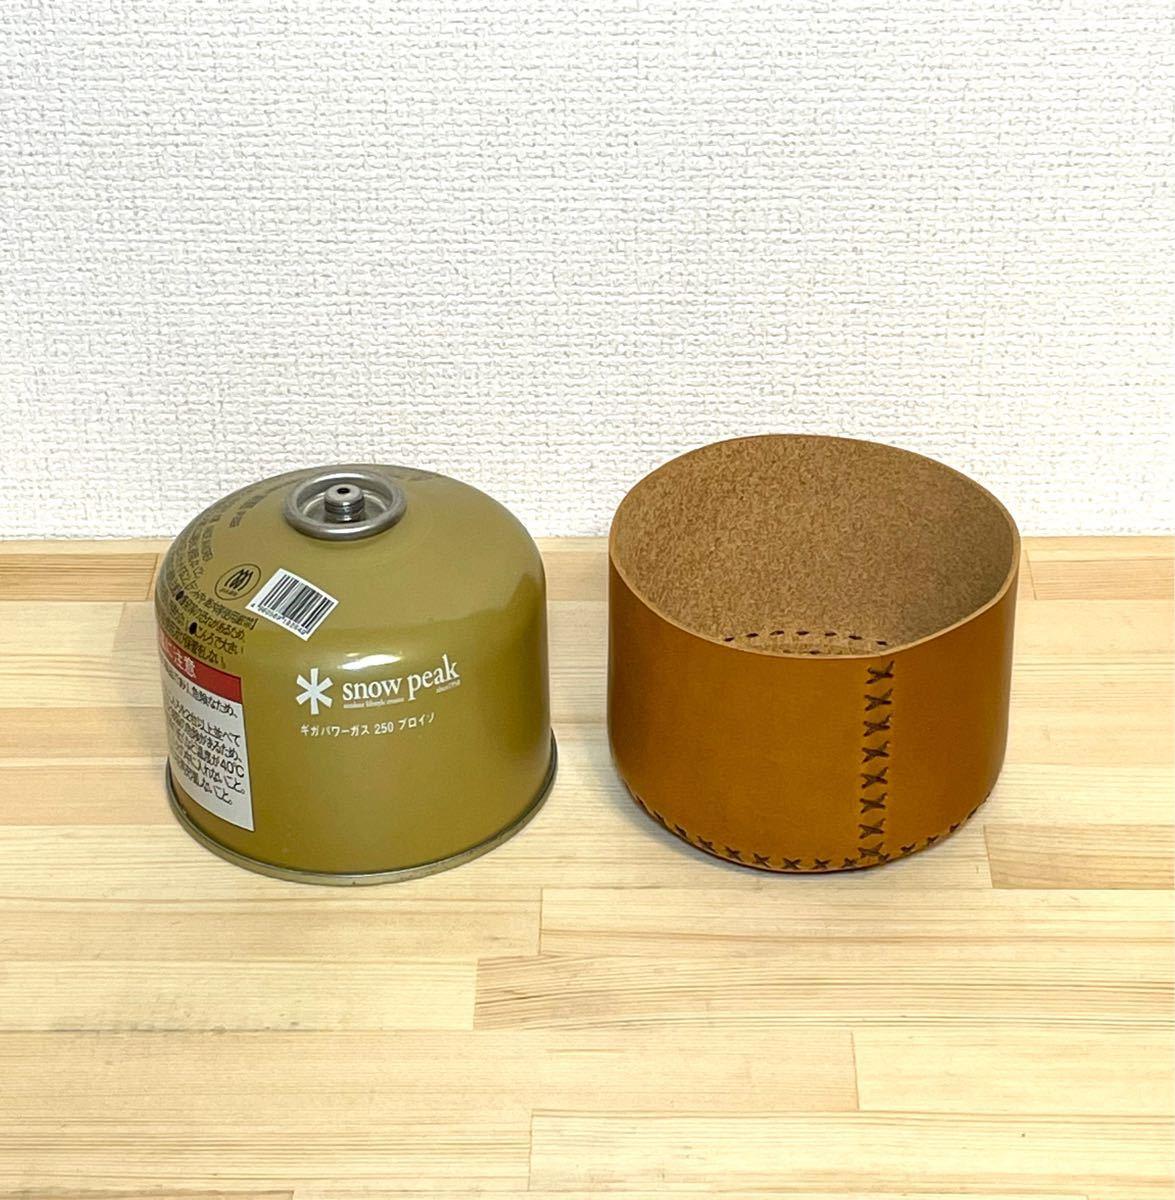 【ヌメ革】本革ガス缶カバー OD缶カバー キャンドルランタンカバー レザーガス缶カバー OD缶レザーカバー ノクターン ルミエール